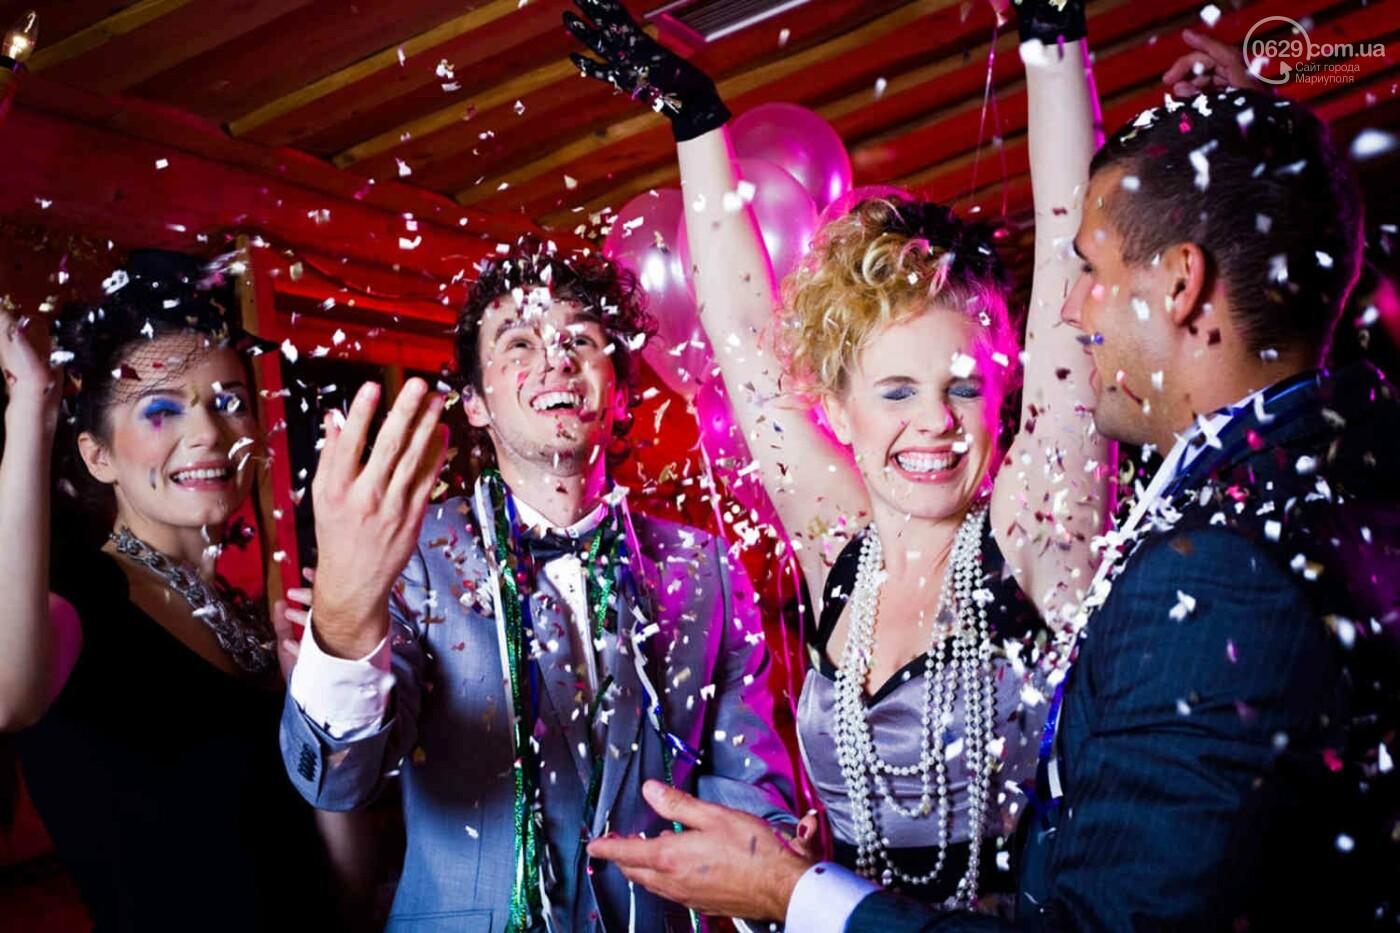 Сезон корпоративов. Где мариупольцы отметят Новый год с коллегами, фото-2